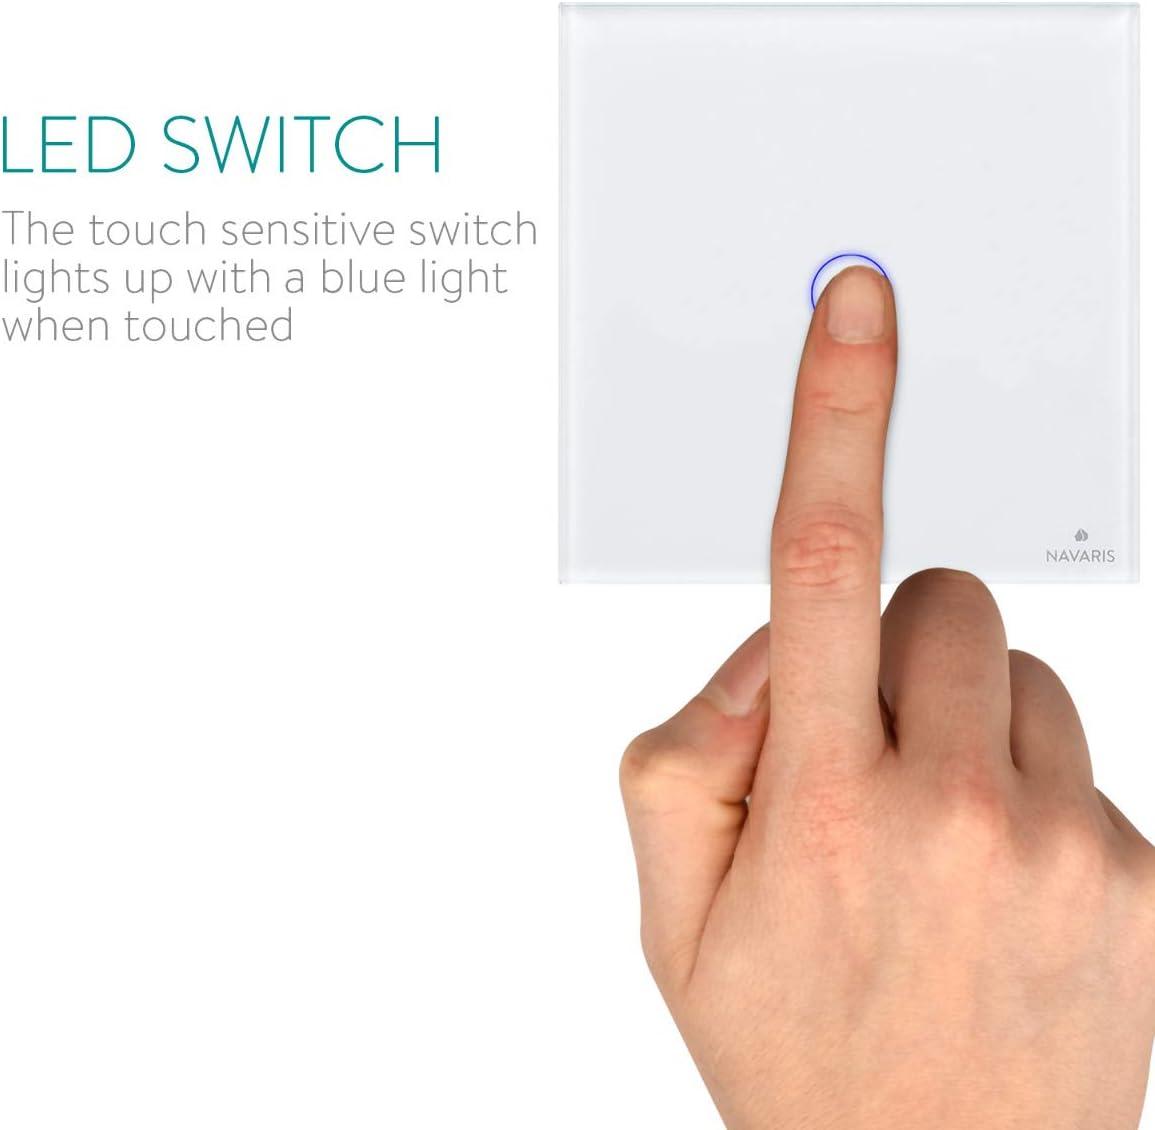 3 voies T/él/écommande multi-unit/és Vitre en verre cristal Charge maximale : 2000 W Home Bureau Interrupteur tactile sans fil avec r/écepteur avec affichage LED